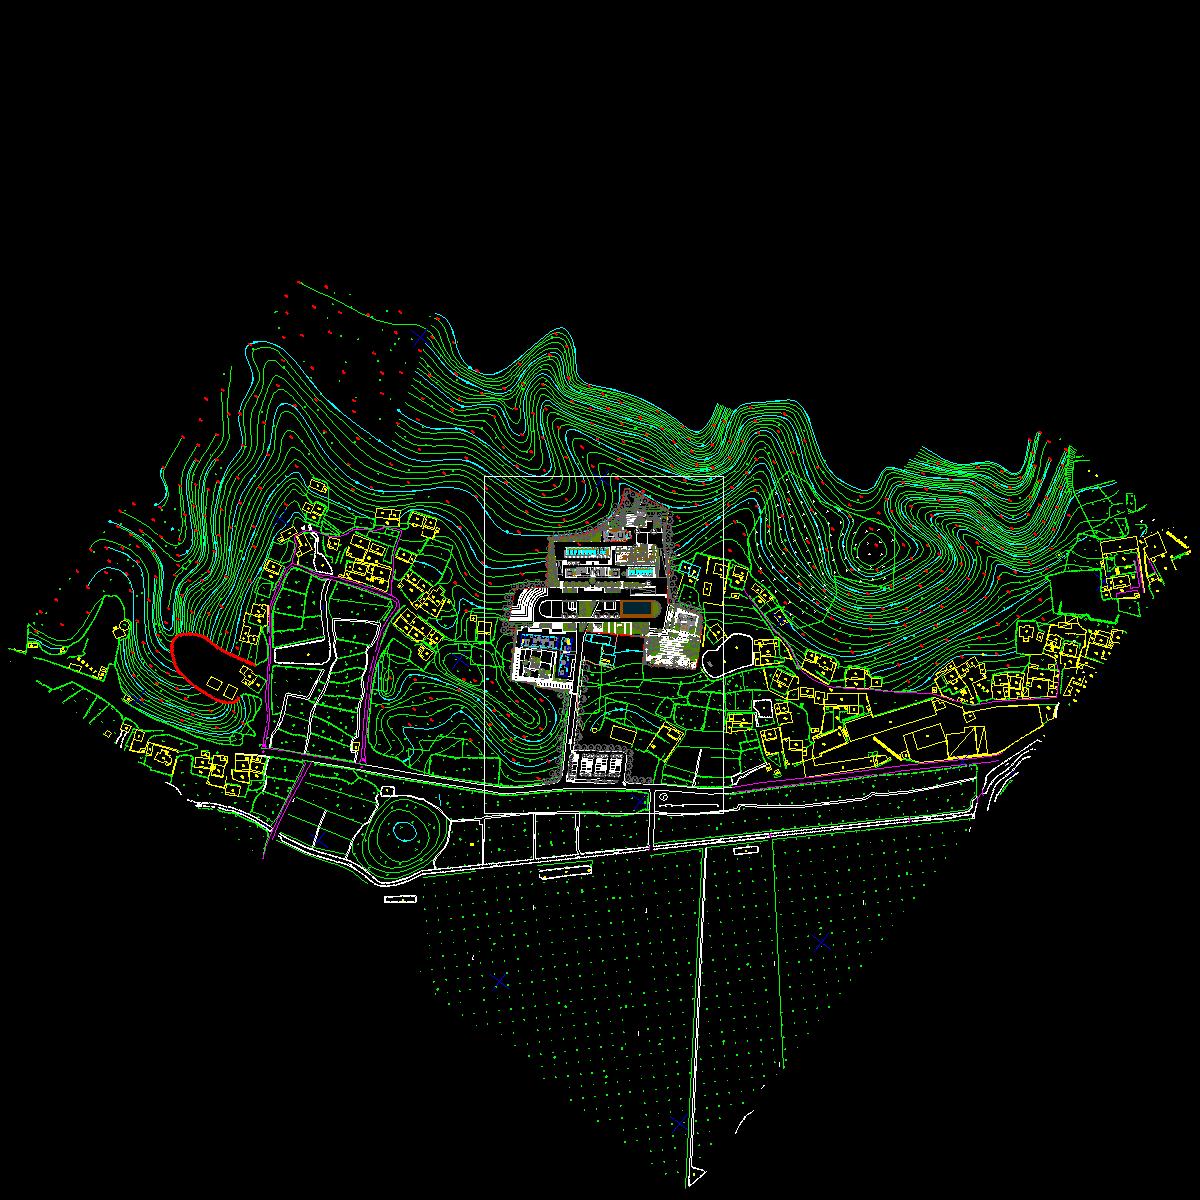 基地总平面图-5m architects.dwg